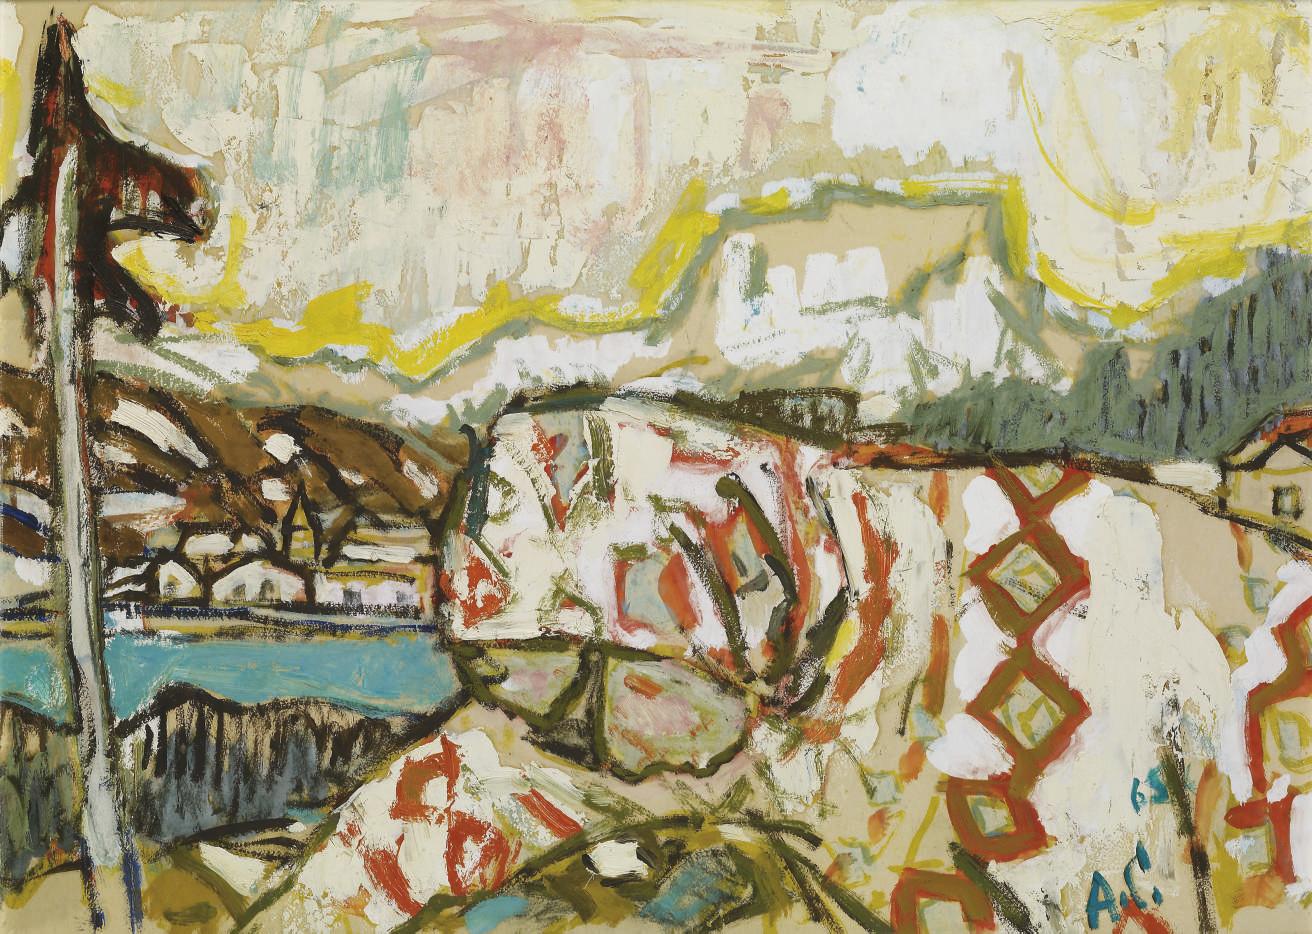 La Margna, 1965